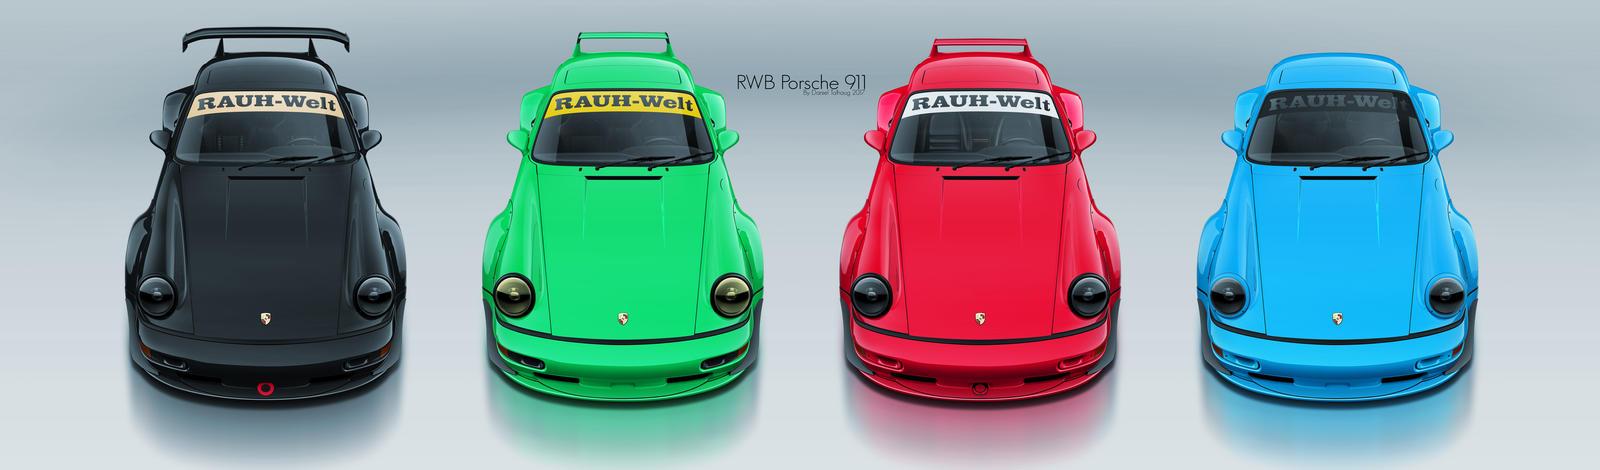 RAUH-Welt BEGRIFF Porsche 911 x4 by DanielTalhaug